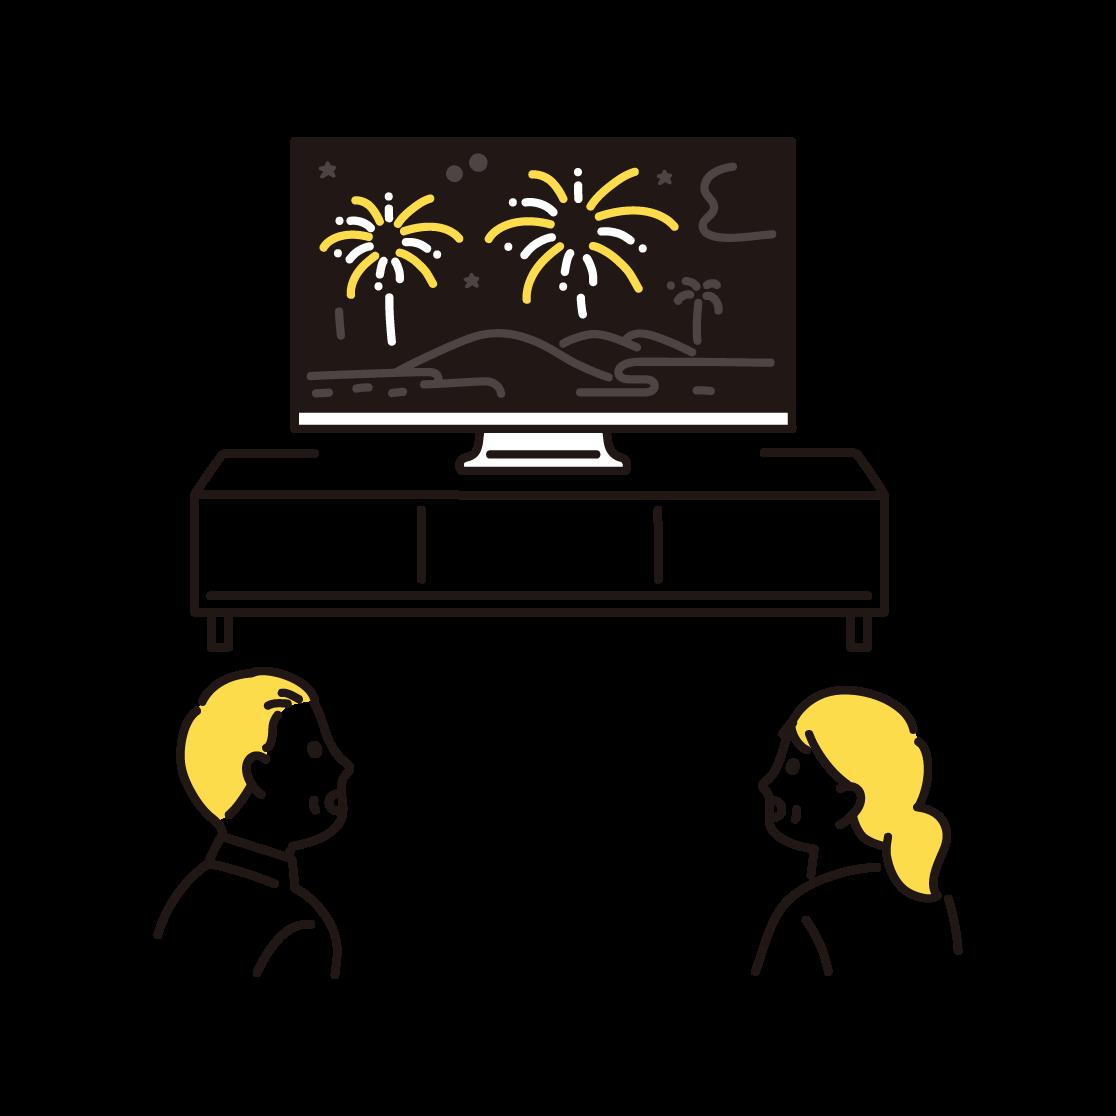 オンライン花火を鑑賞している人の単色イラスト